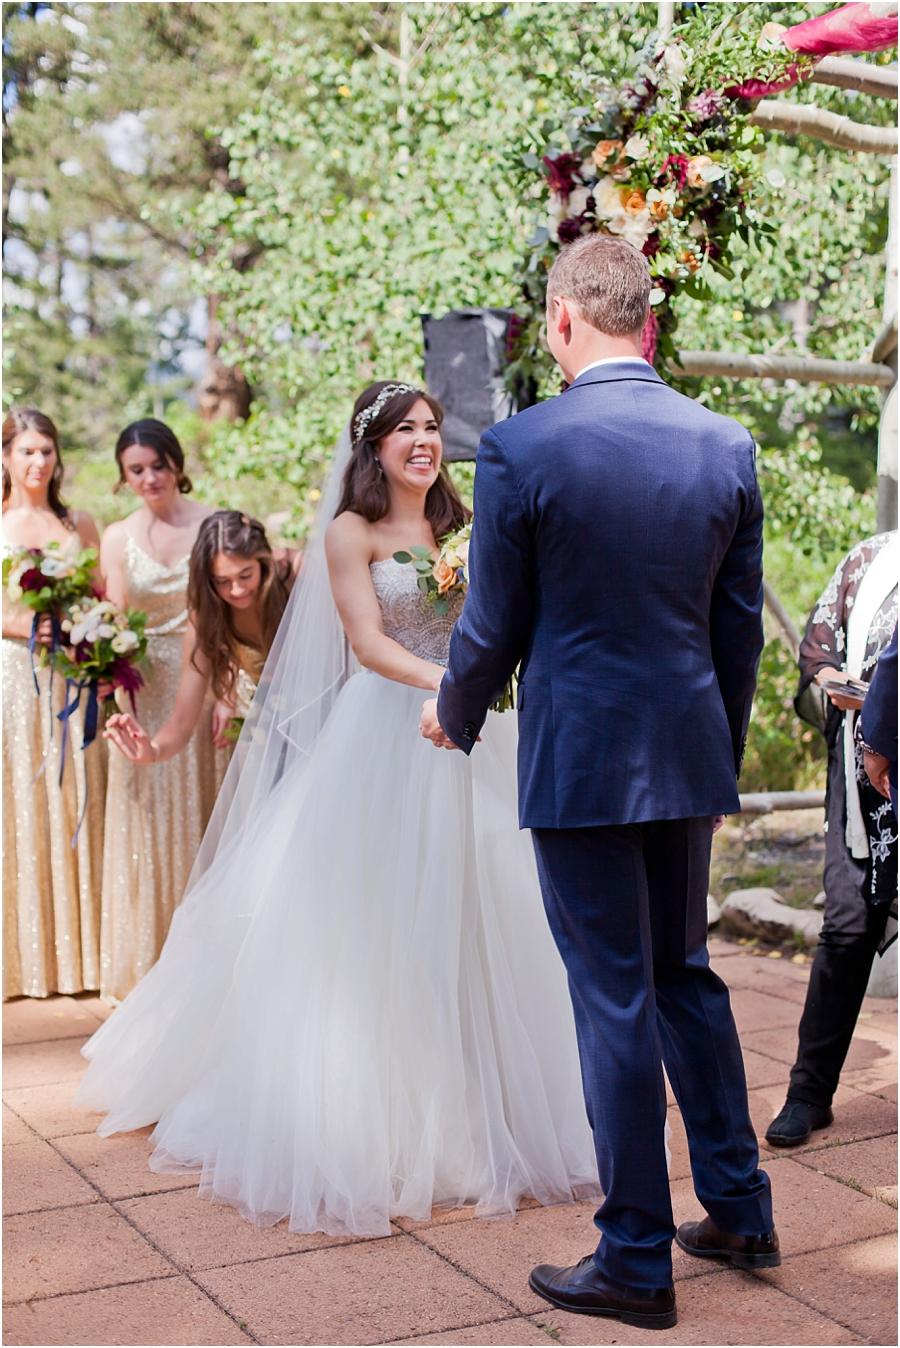 durango-joyful-wedding-photographers.jpg